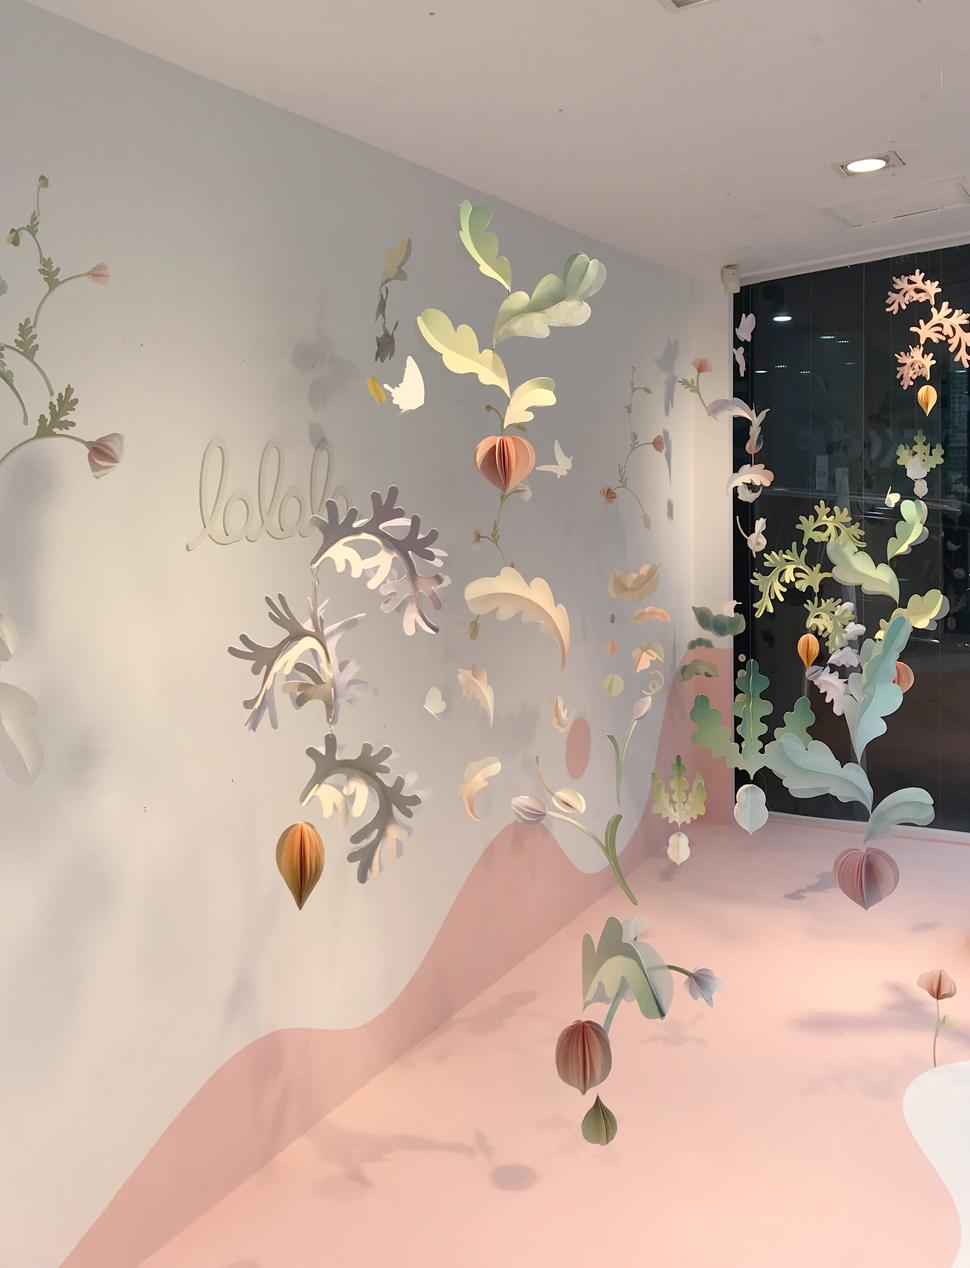 봄이 왔을 때 사람들마다 느낄 수 있는 긍정적인 감정 또는 활동을 식물로 표현한 작품 〈랄랄라〉